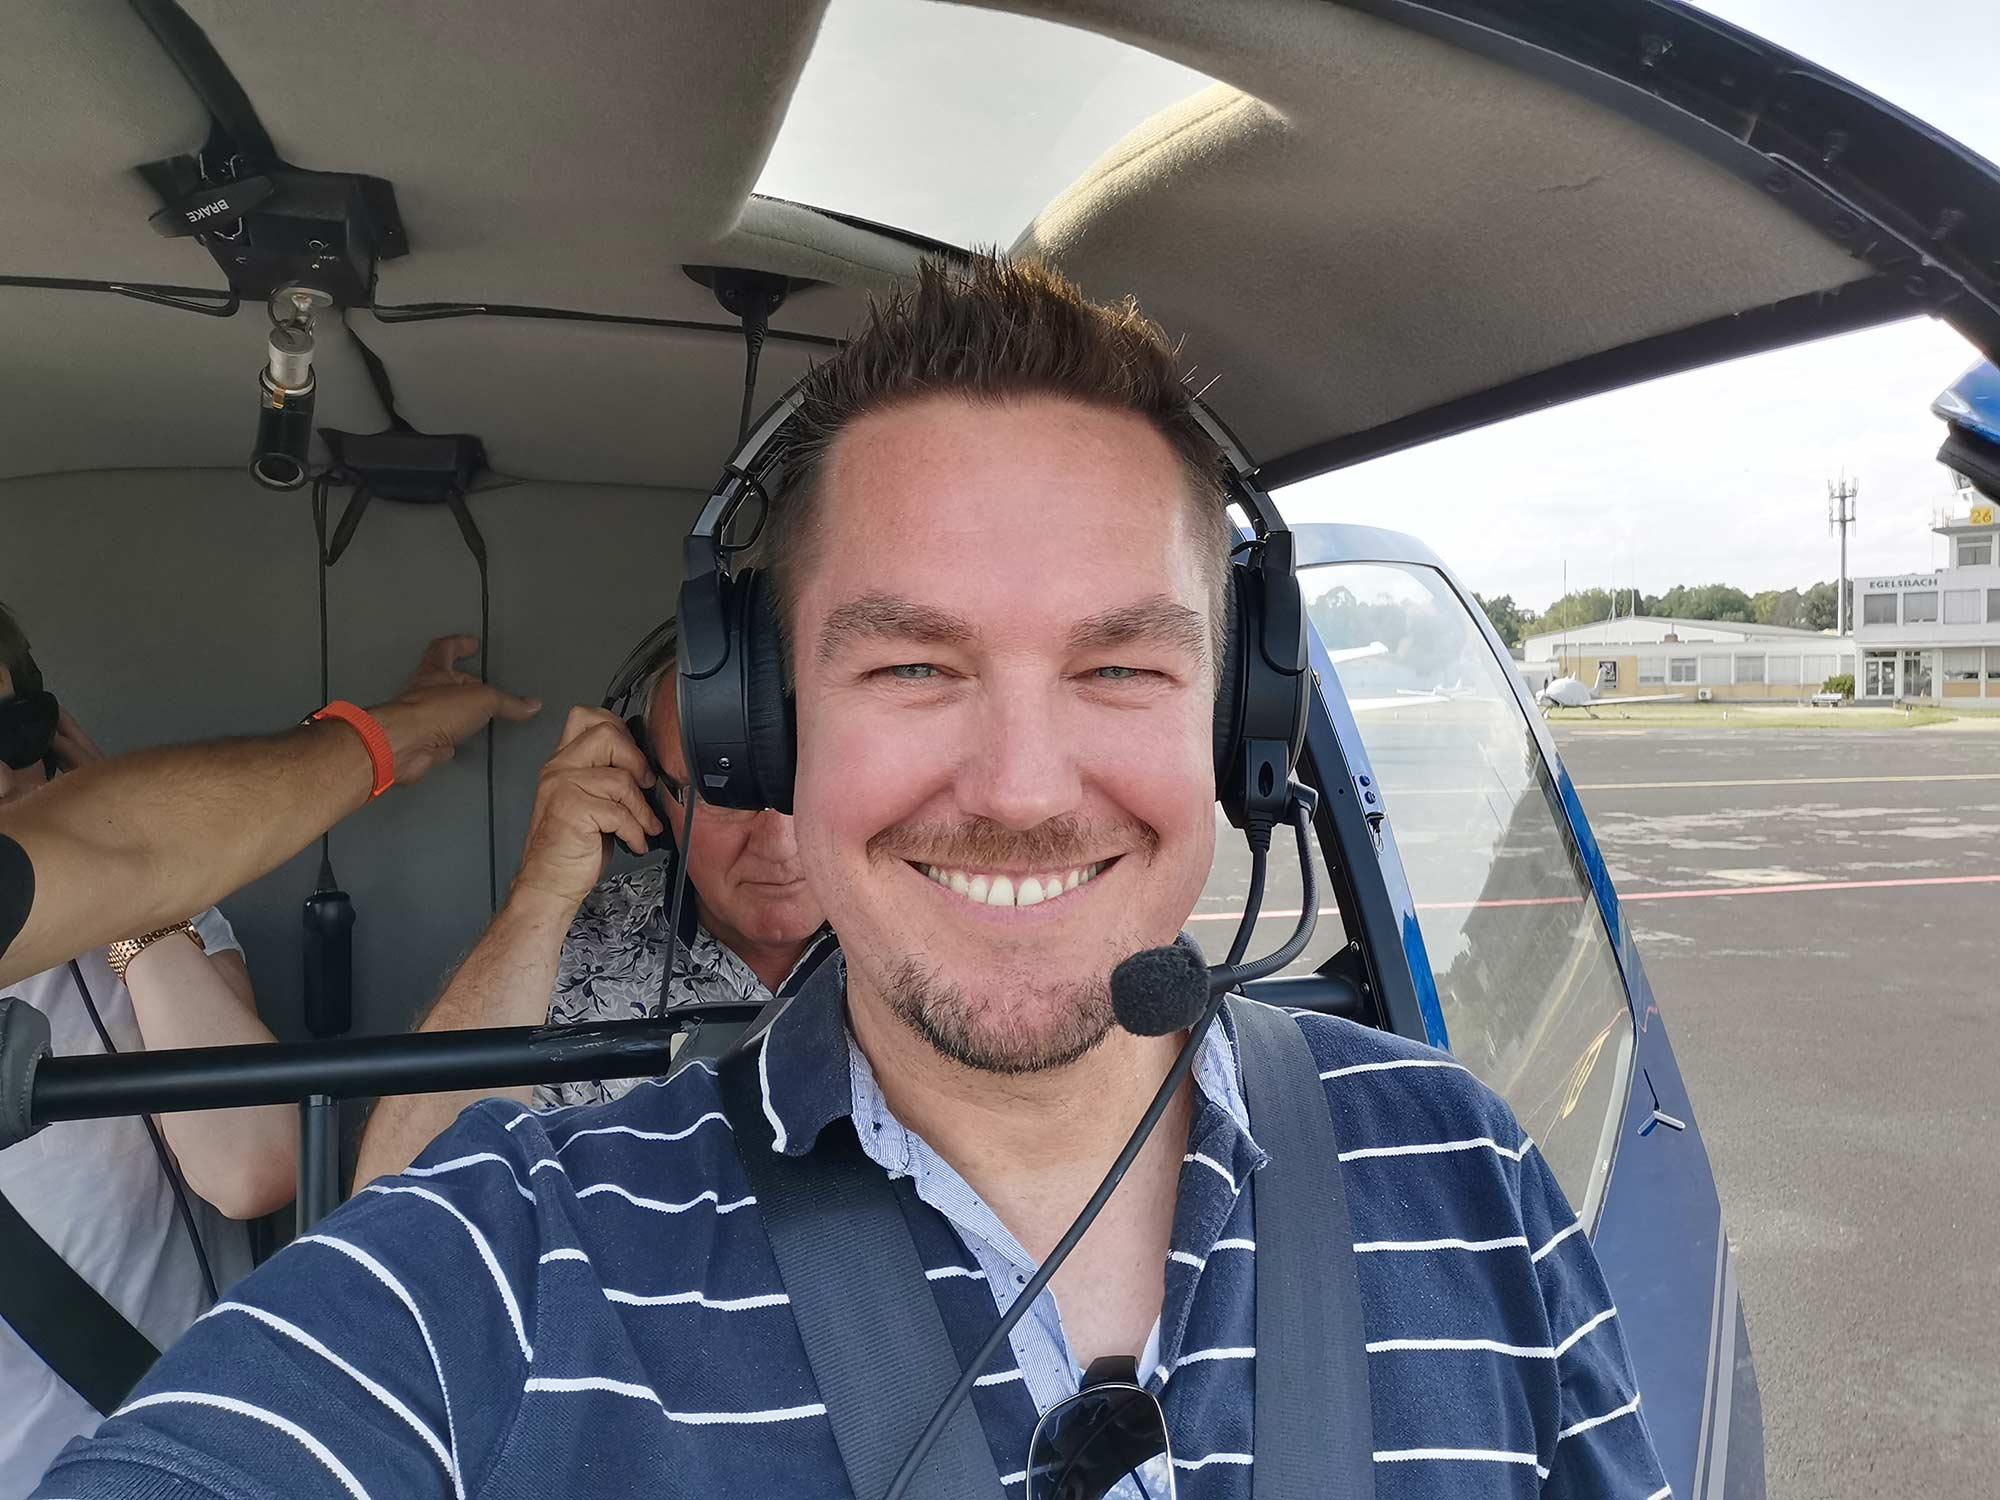 Ohne Ohrenschutz kein Flug - Sicherheit muß sein - Skylineflug Frankfurt mit dem Helikopter von Helifliegen